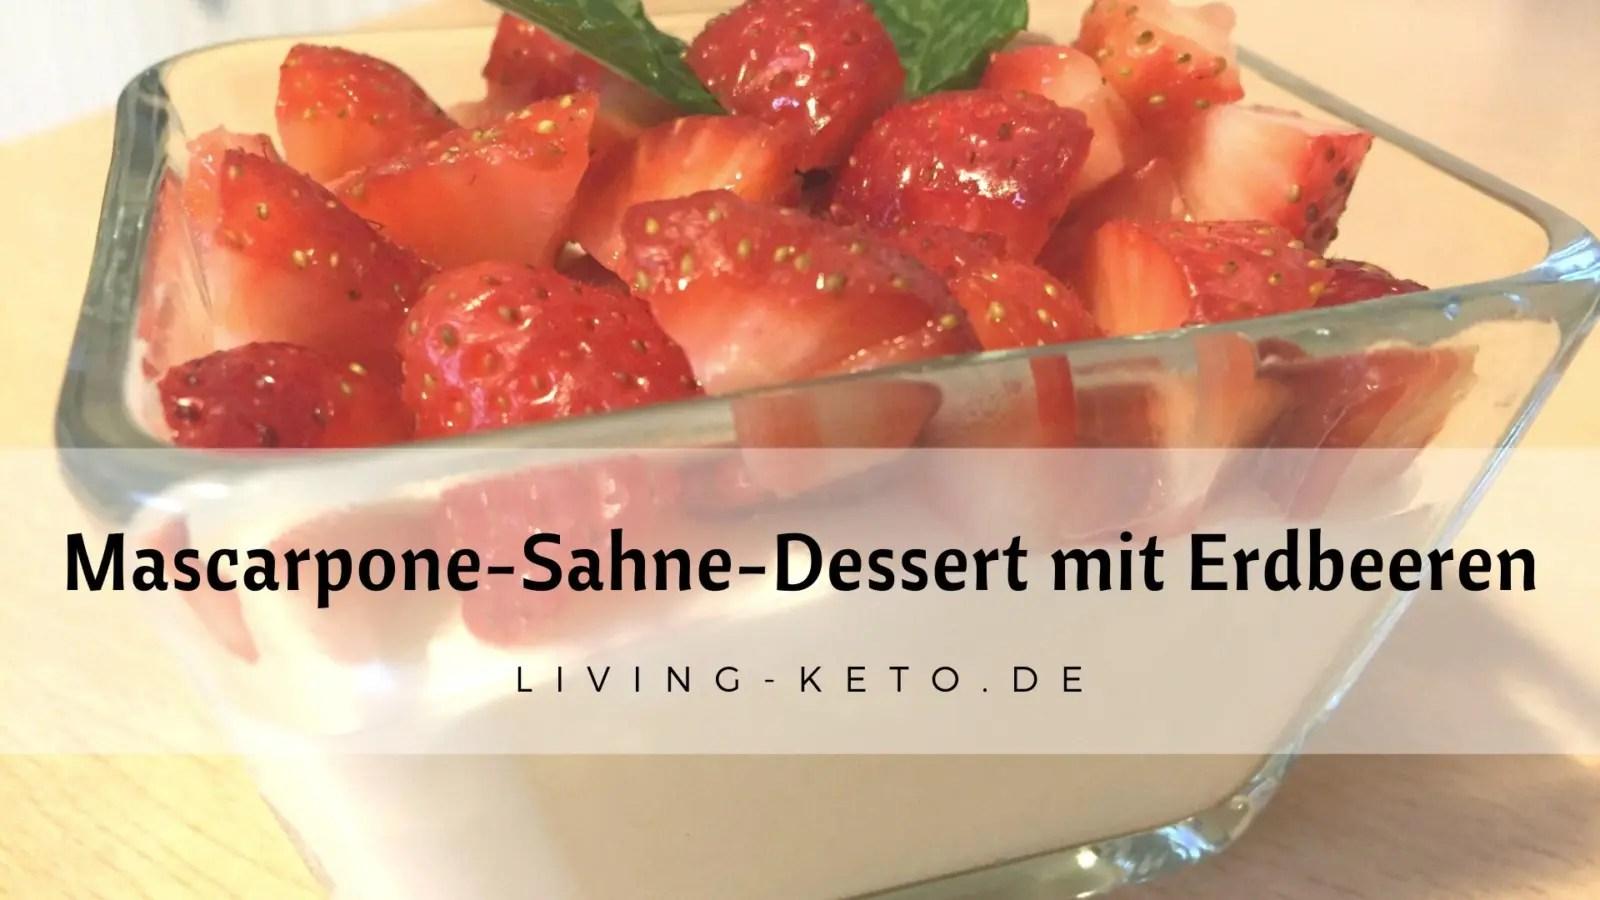 You are currently viewing Mascarpone-Sahne-Dessert mit Erdbeeren